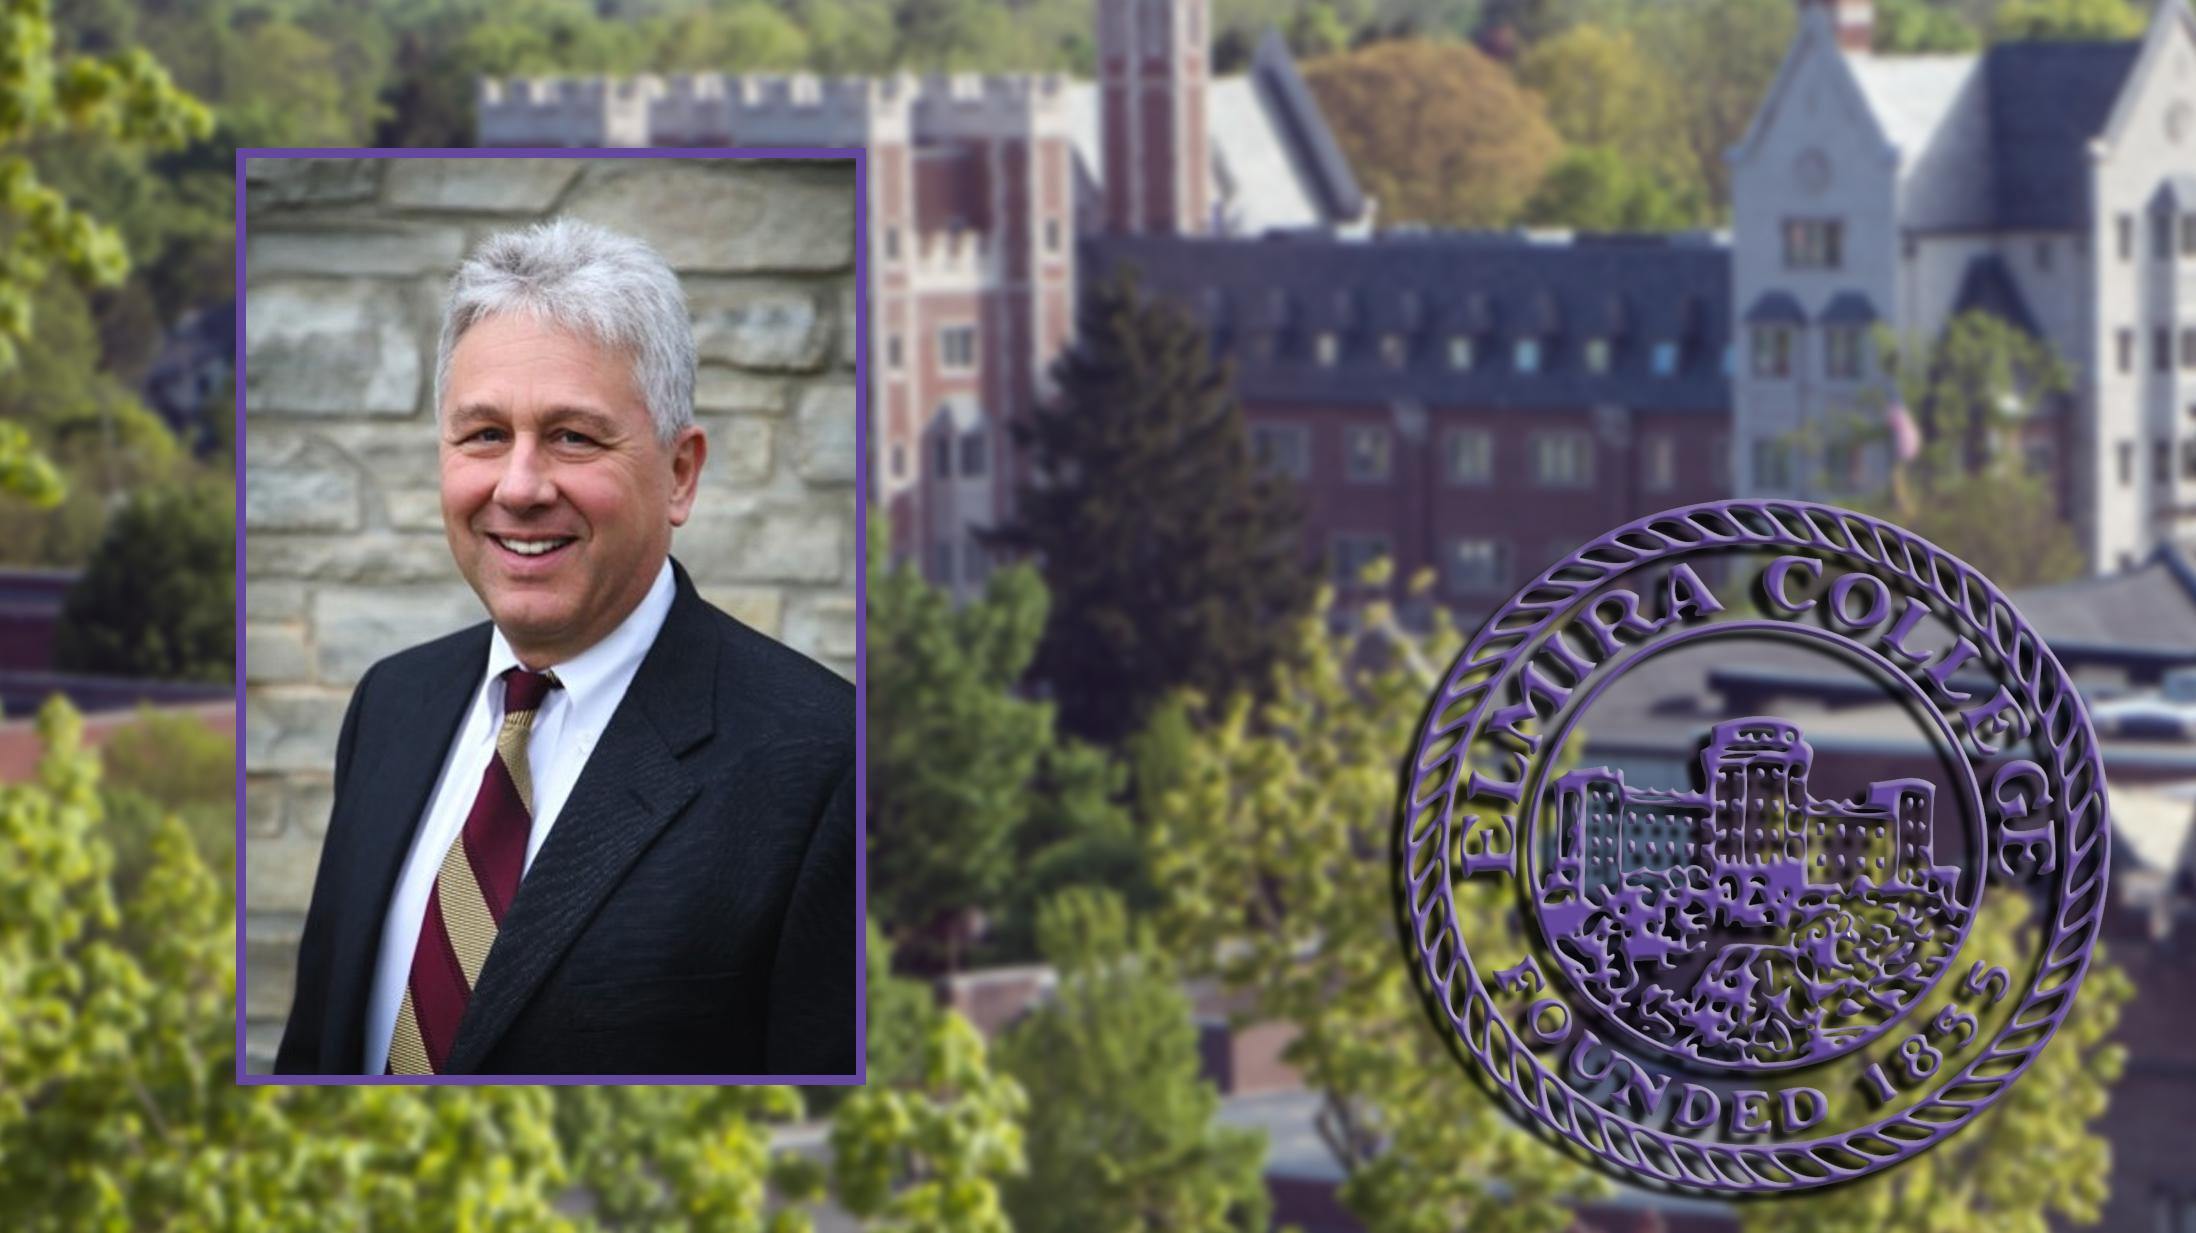 Elmira College New President pic FOR WEB_1487992733072.jpg